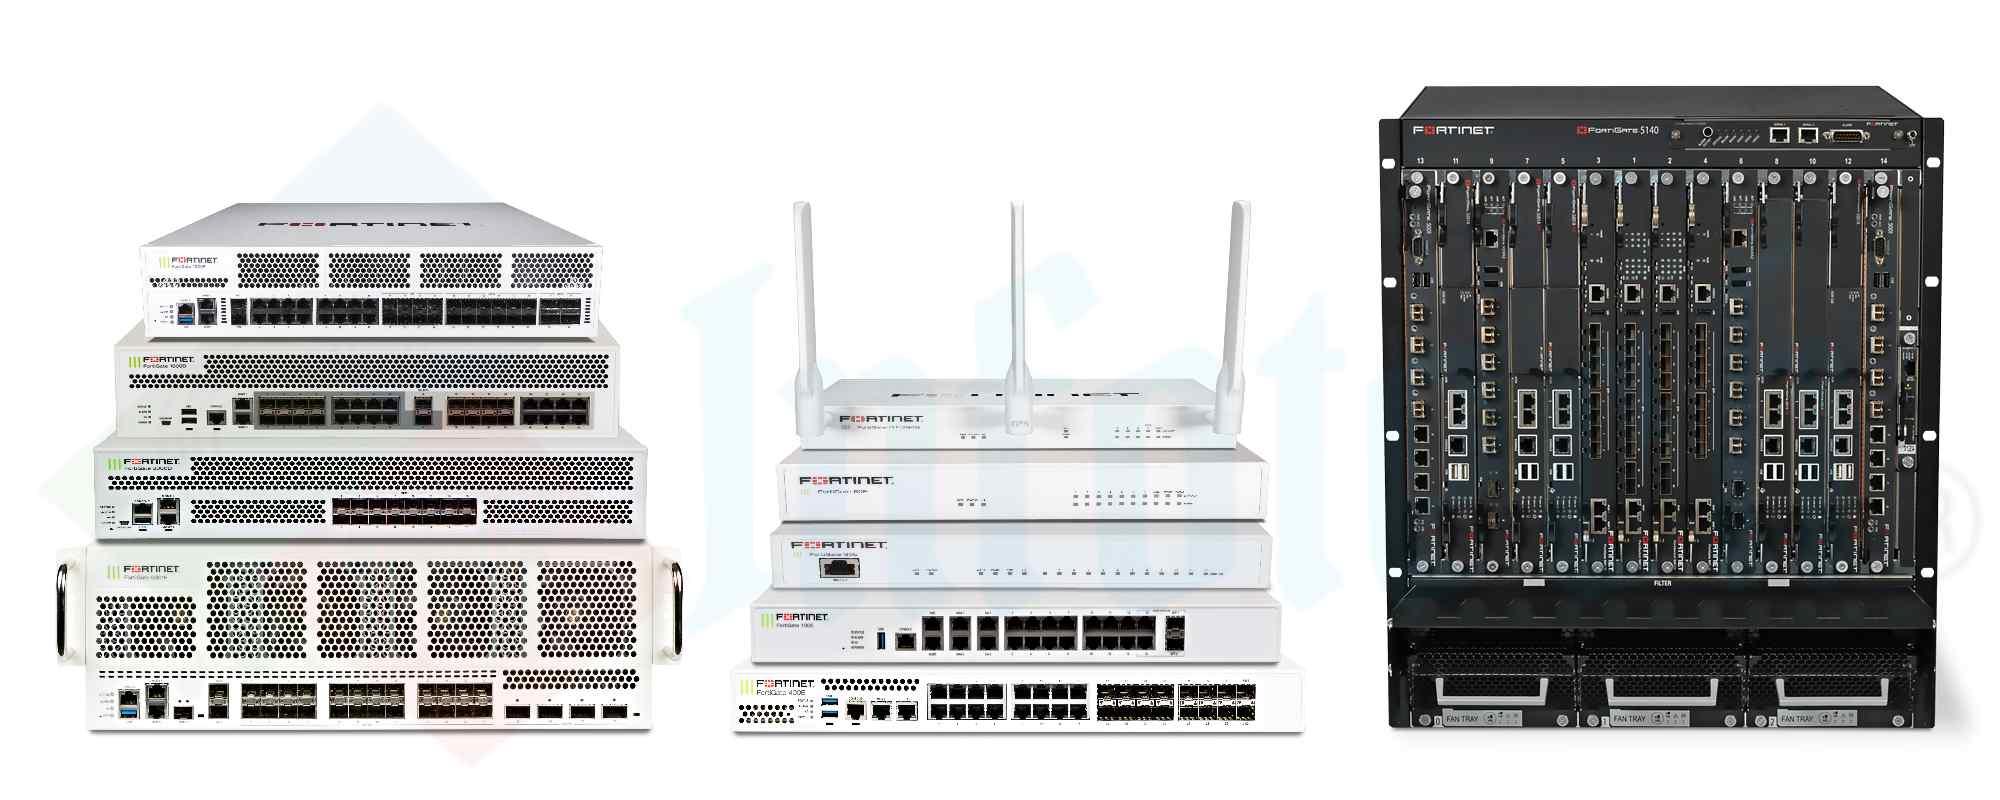 Fortinet-FortiGate Next-Gen Firewall - VCN Infotech